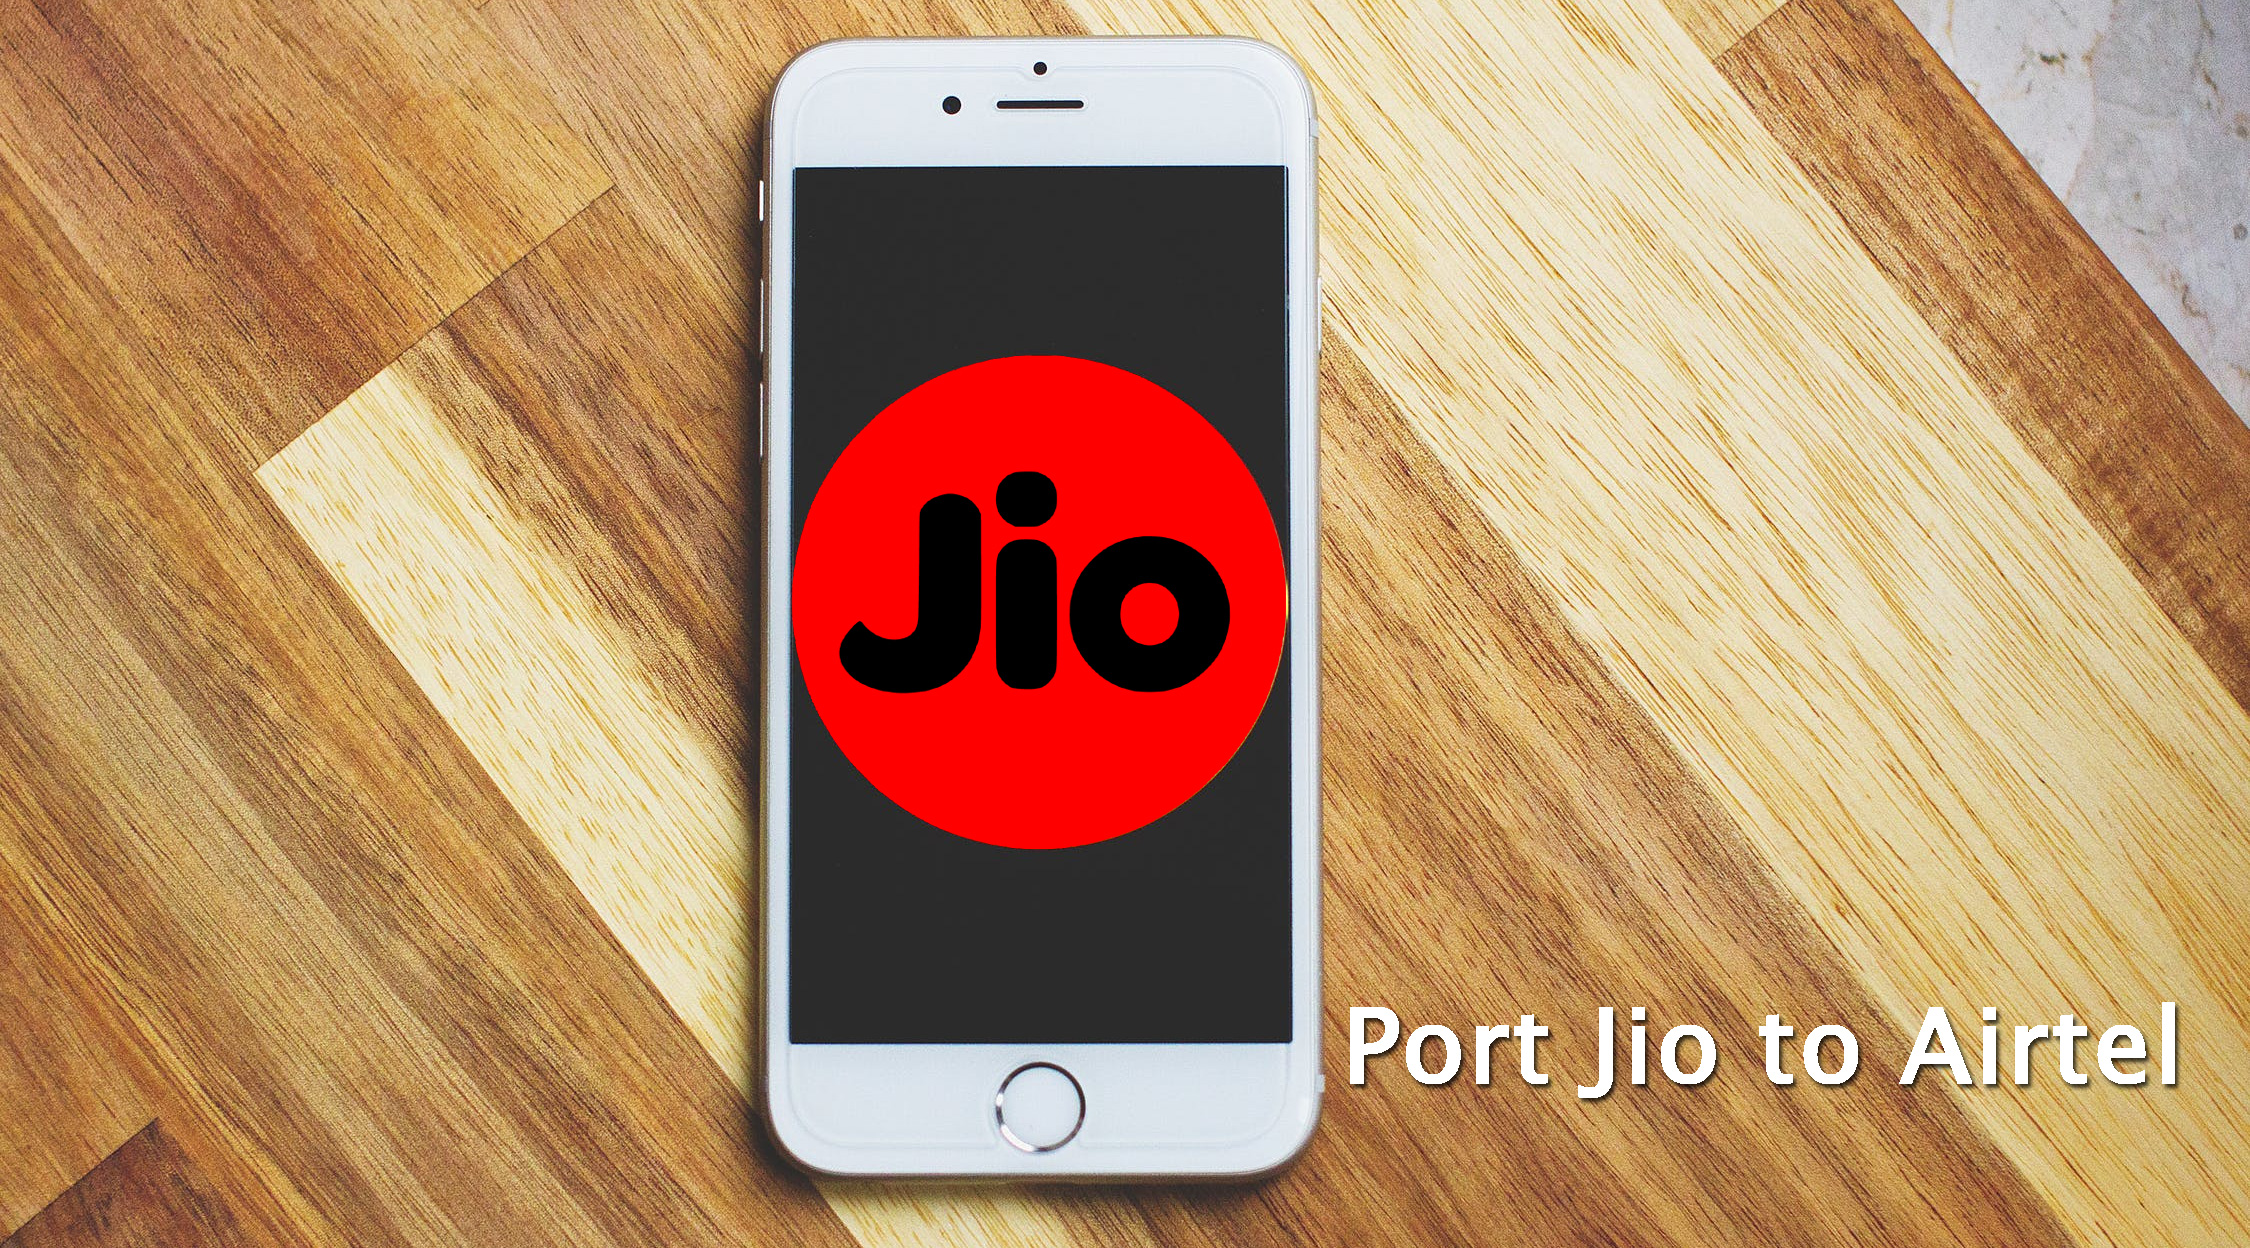 Jio से Airtel में Port कैसे करे